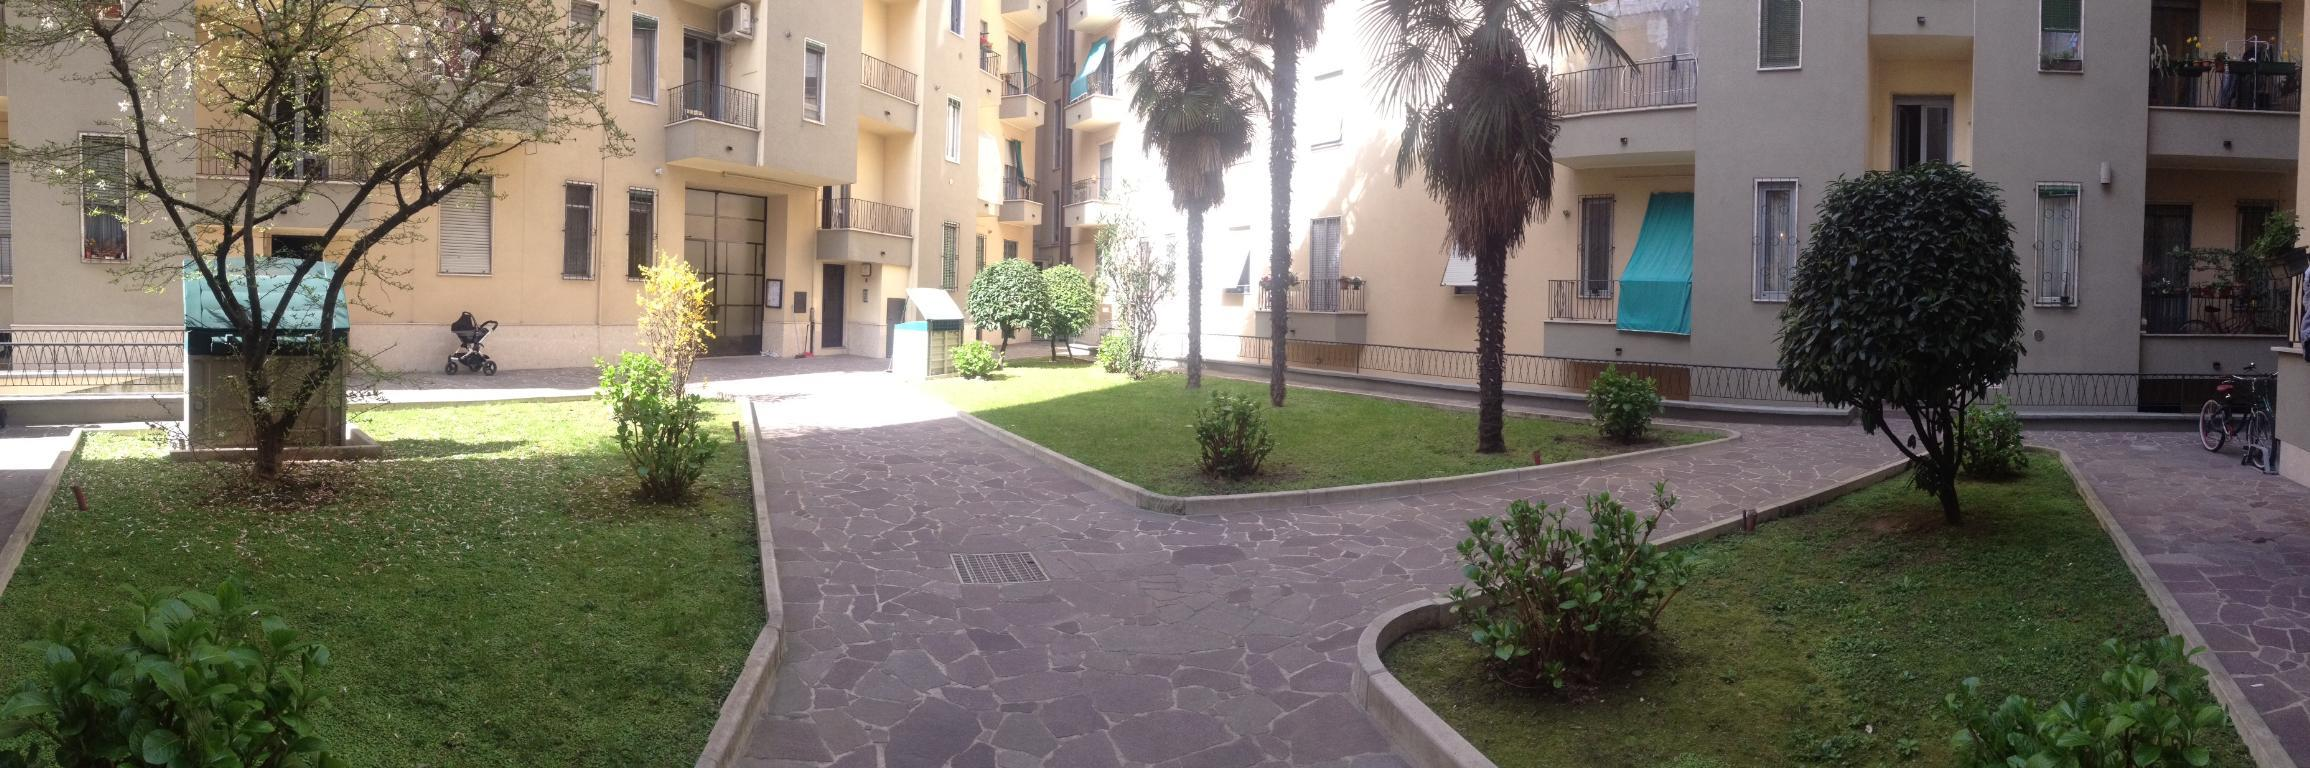 Bilocale Milano Via Mamiani 14 1